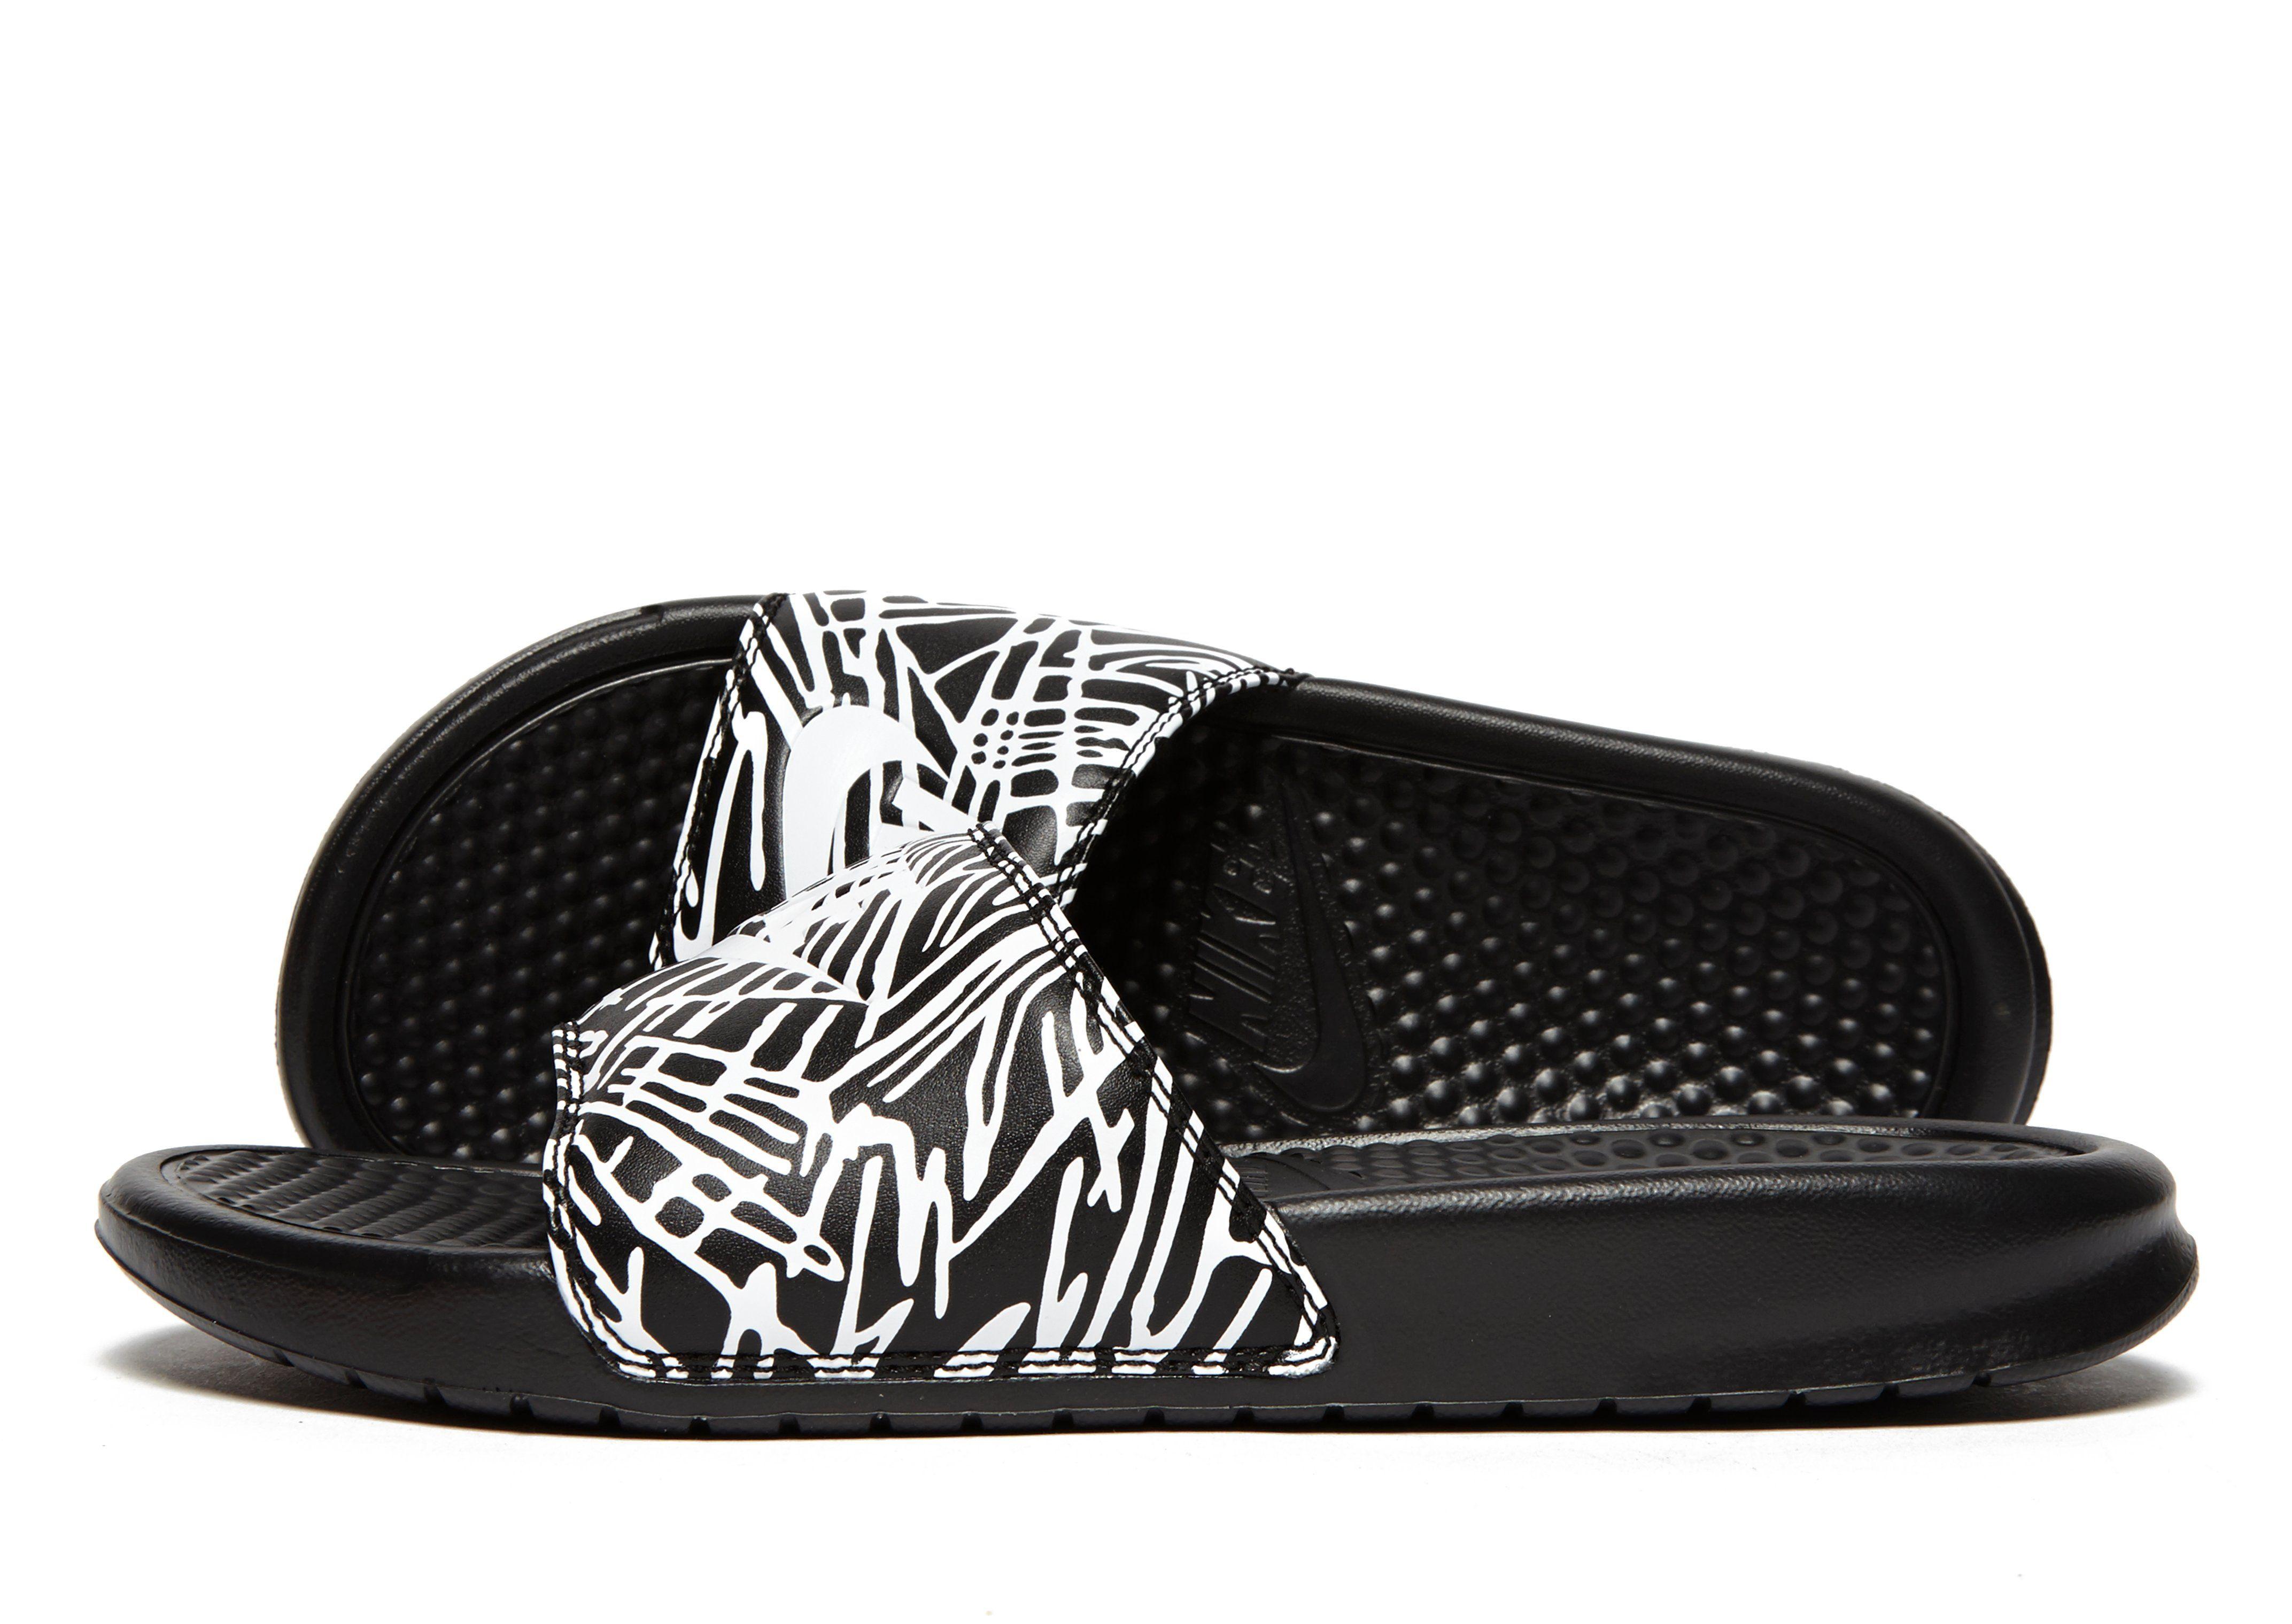 Nike Benassi Just Do It Print Slides Women s JD Sports 521d5db10038